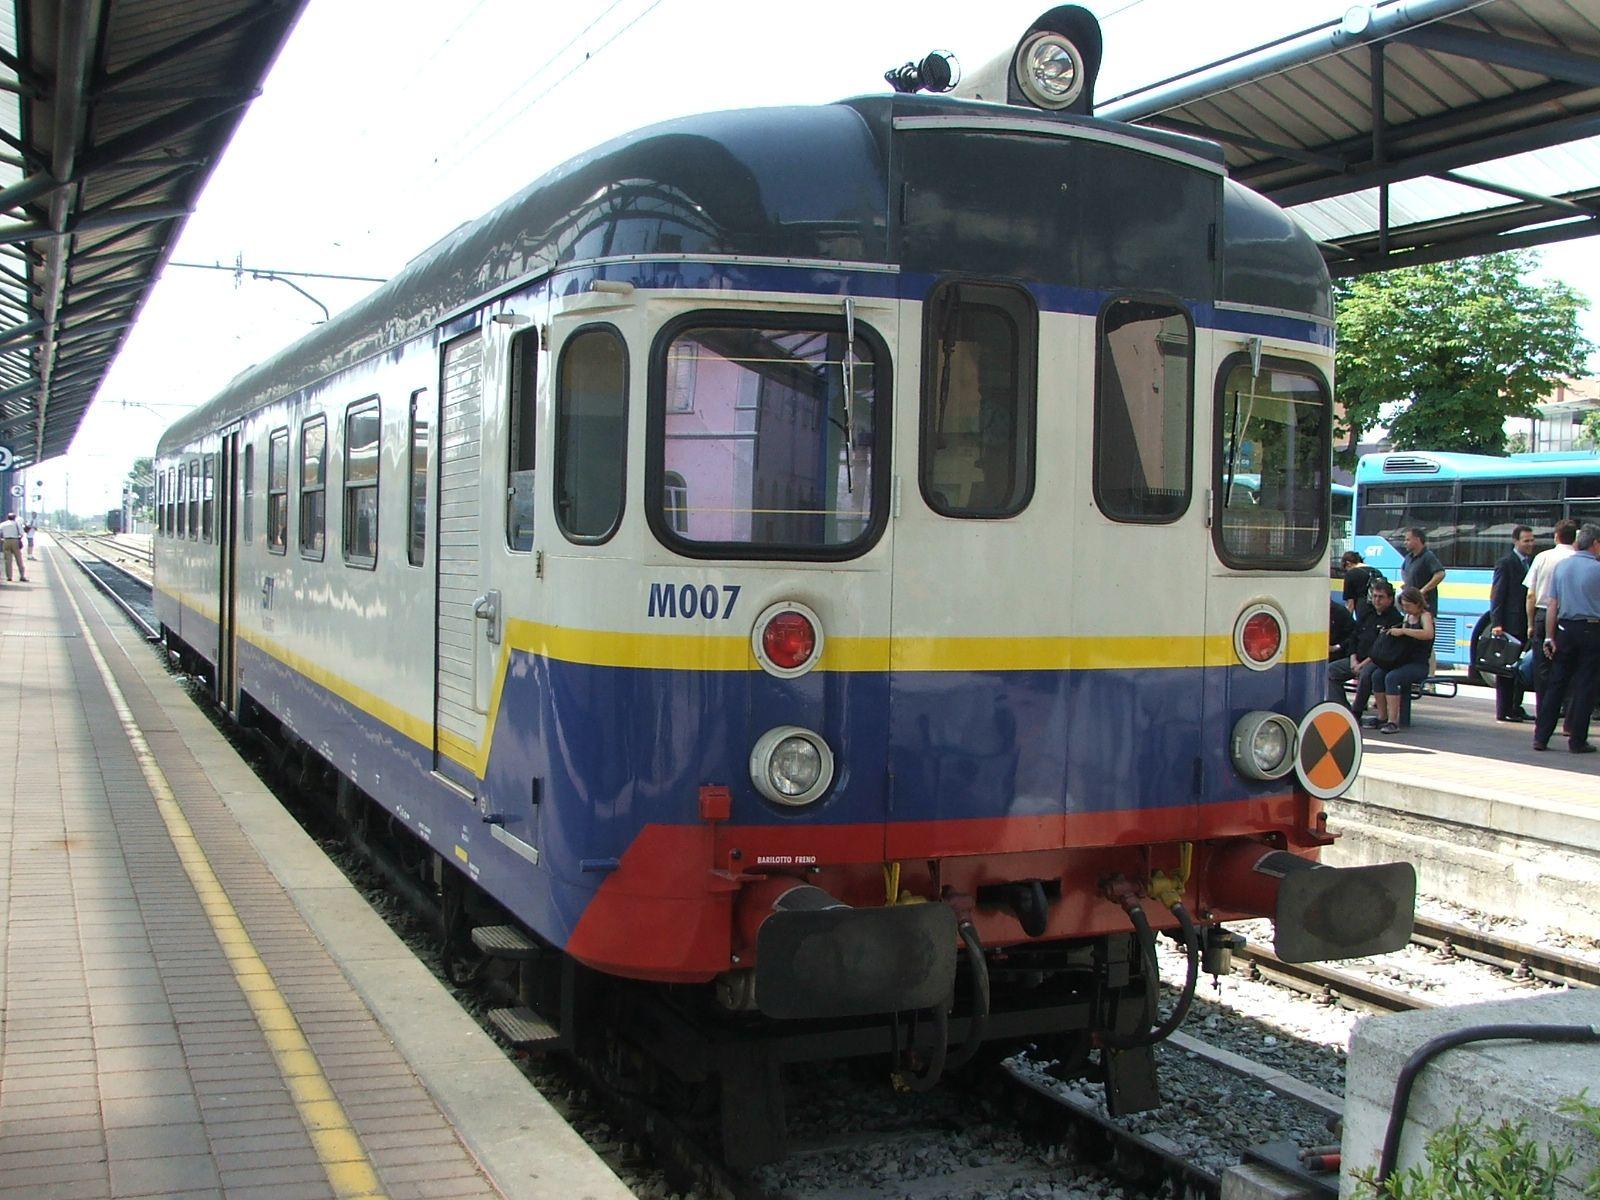 RIVAROLO - Il passaggio a livello della Sfm1 si apre con il treno in transito